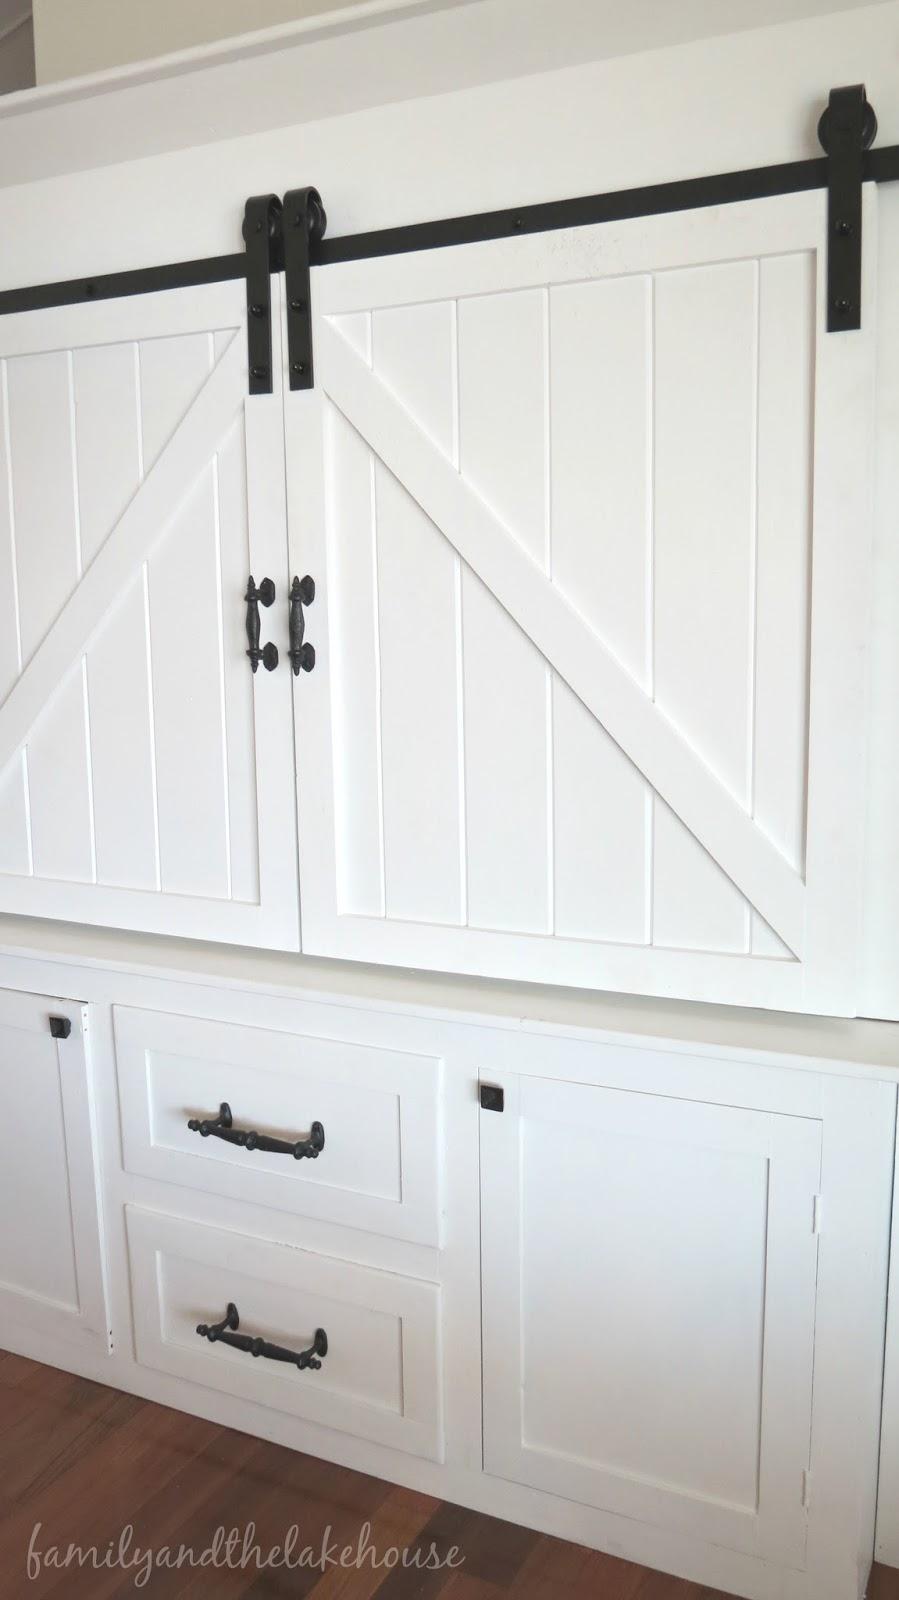 white sliding barn doors. Sliding Barn Door White Entertainment Center Unit - Family And The Lake House Www. Doors